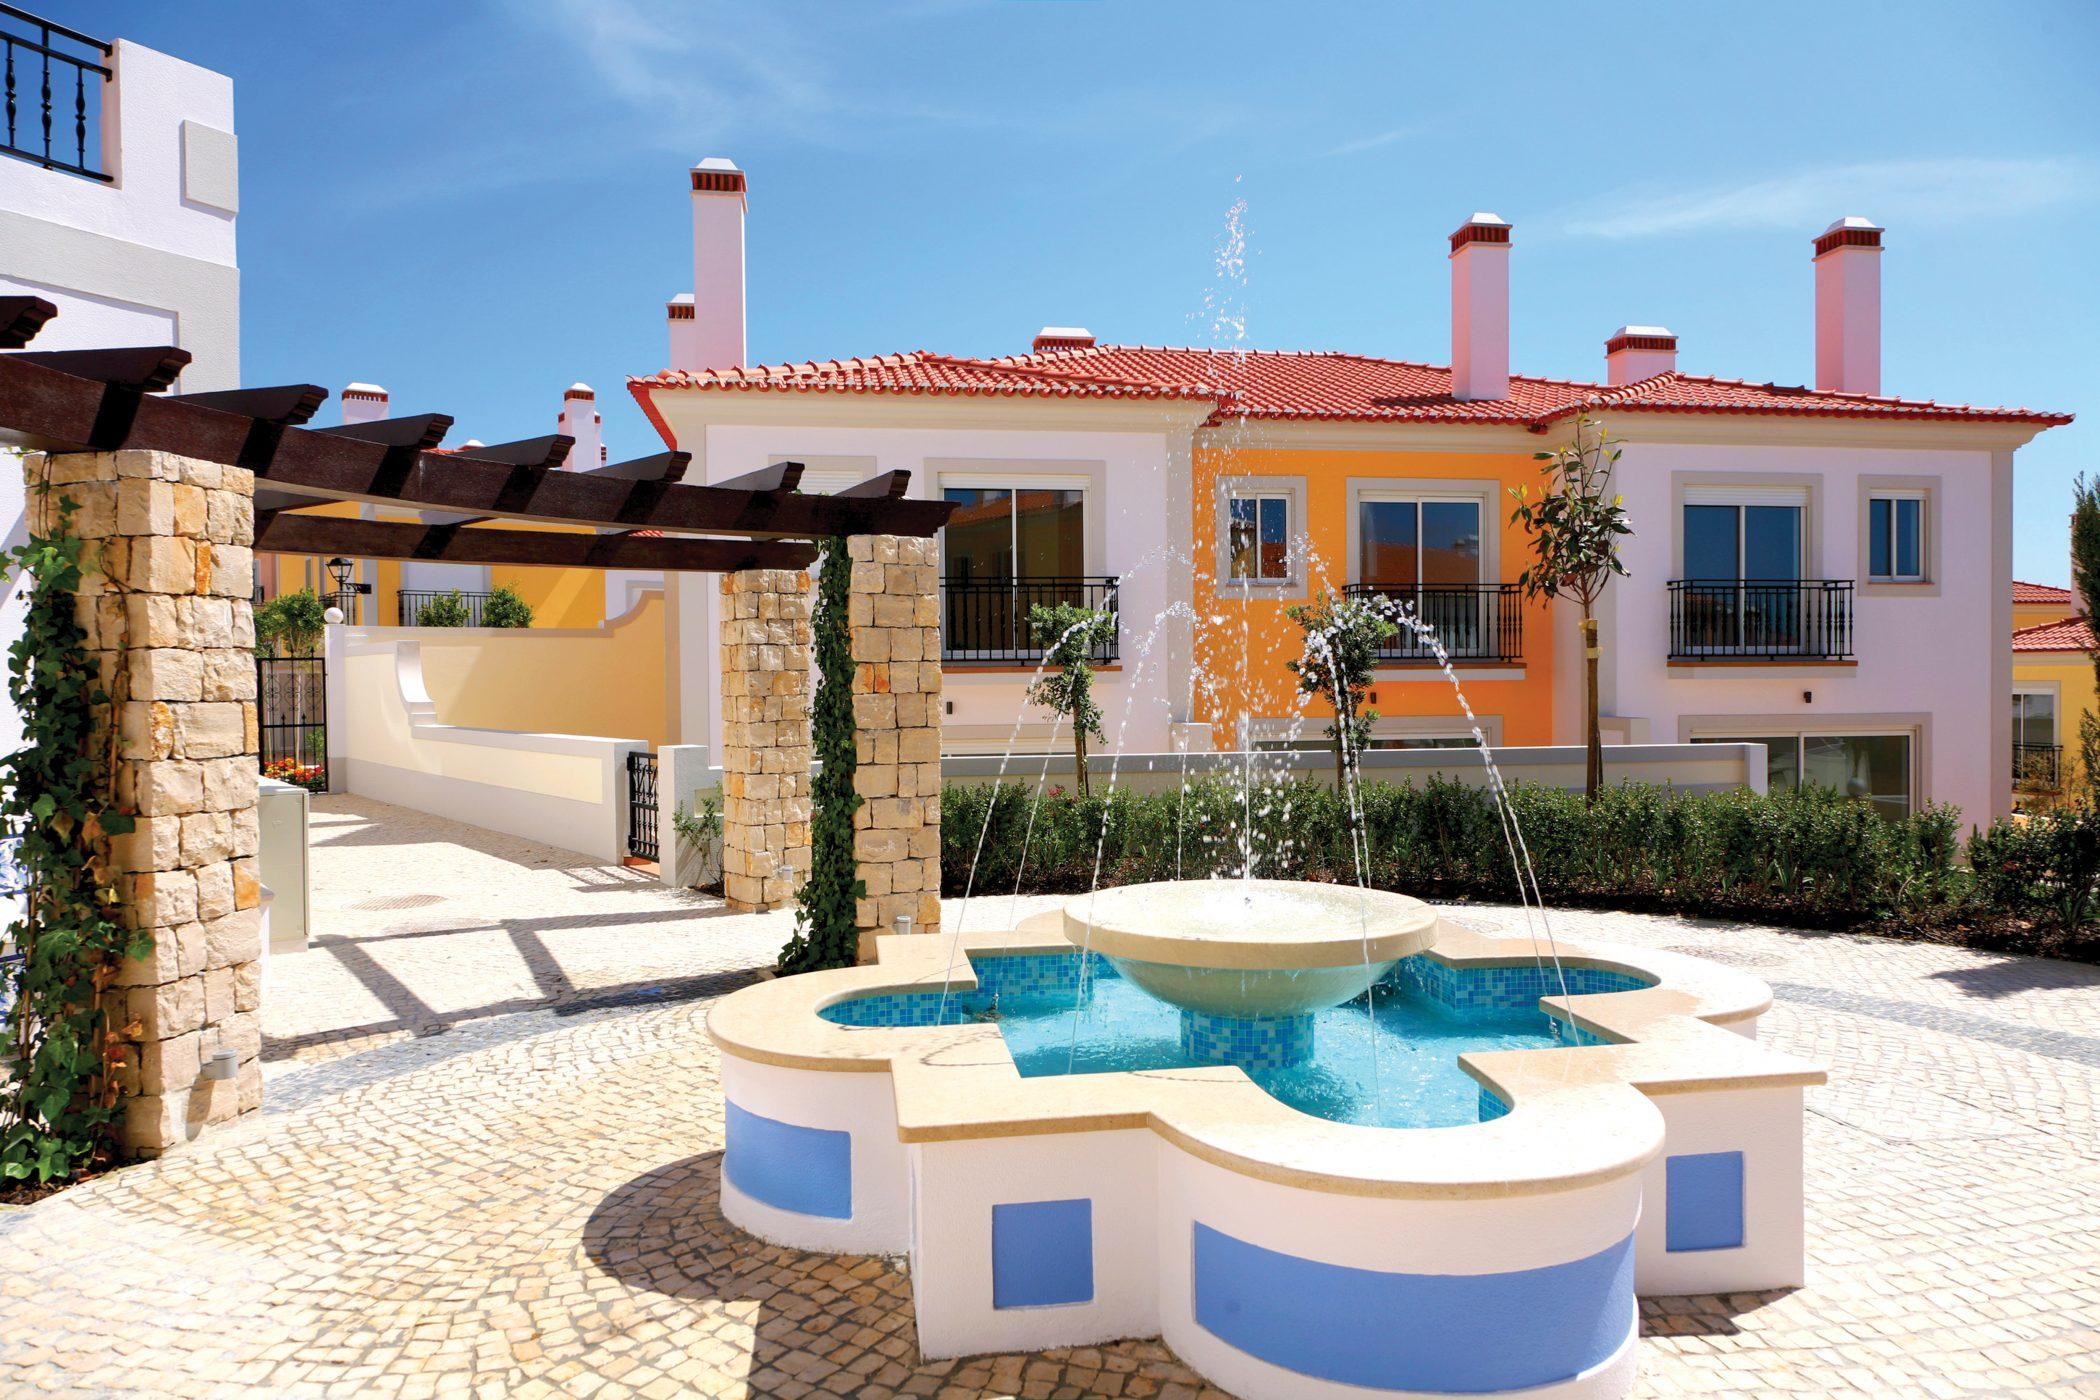 praia-del-rey-beach-golf-resort-the-village 3231